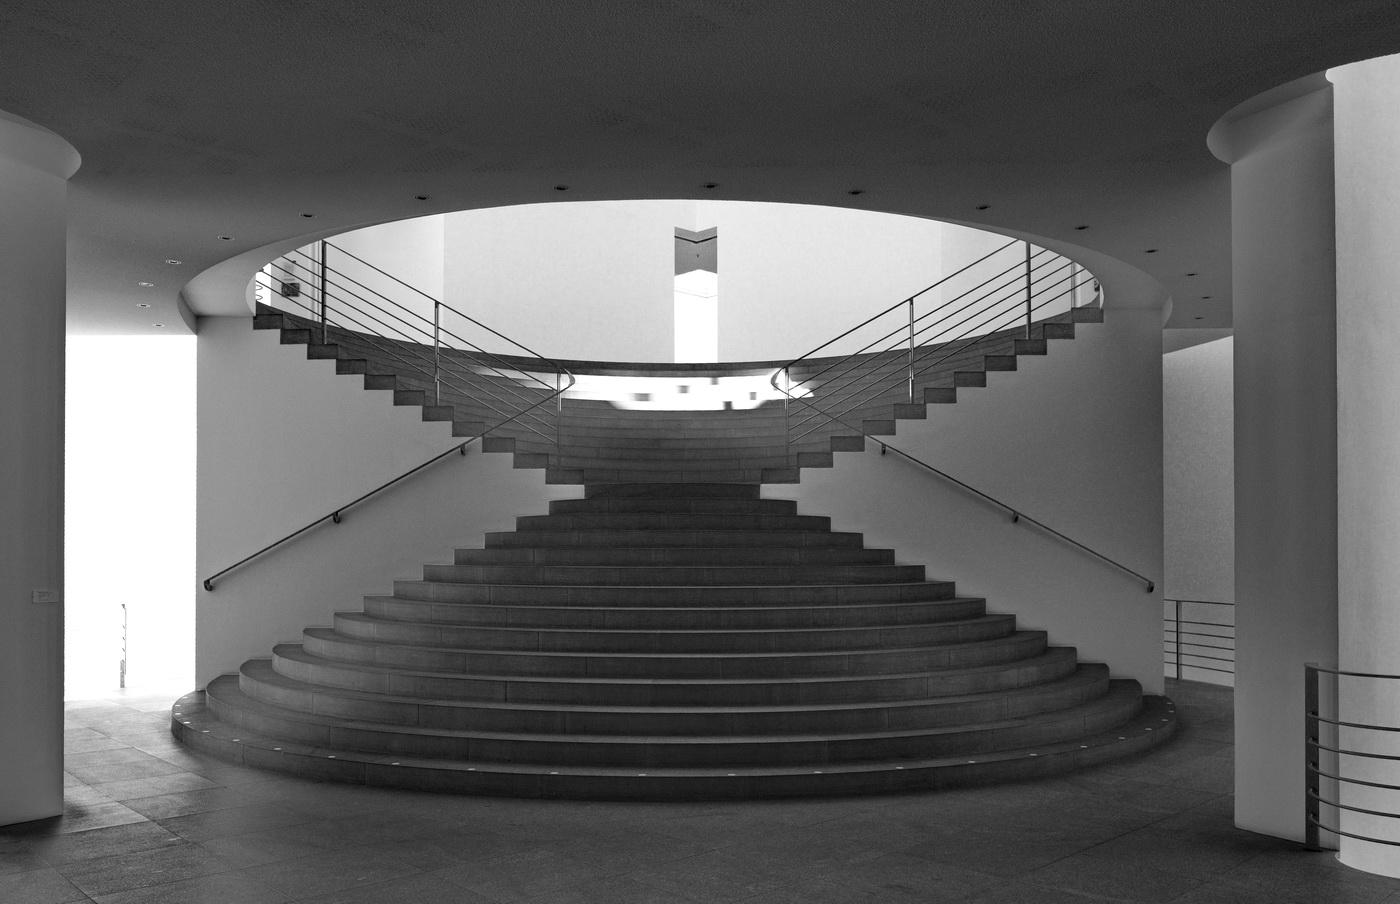 Kunstmuseum Bonn, Friedrich-Ebert-Allee 2, 3113 Bonn | © Heinz Krieger